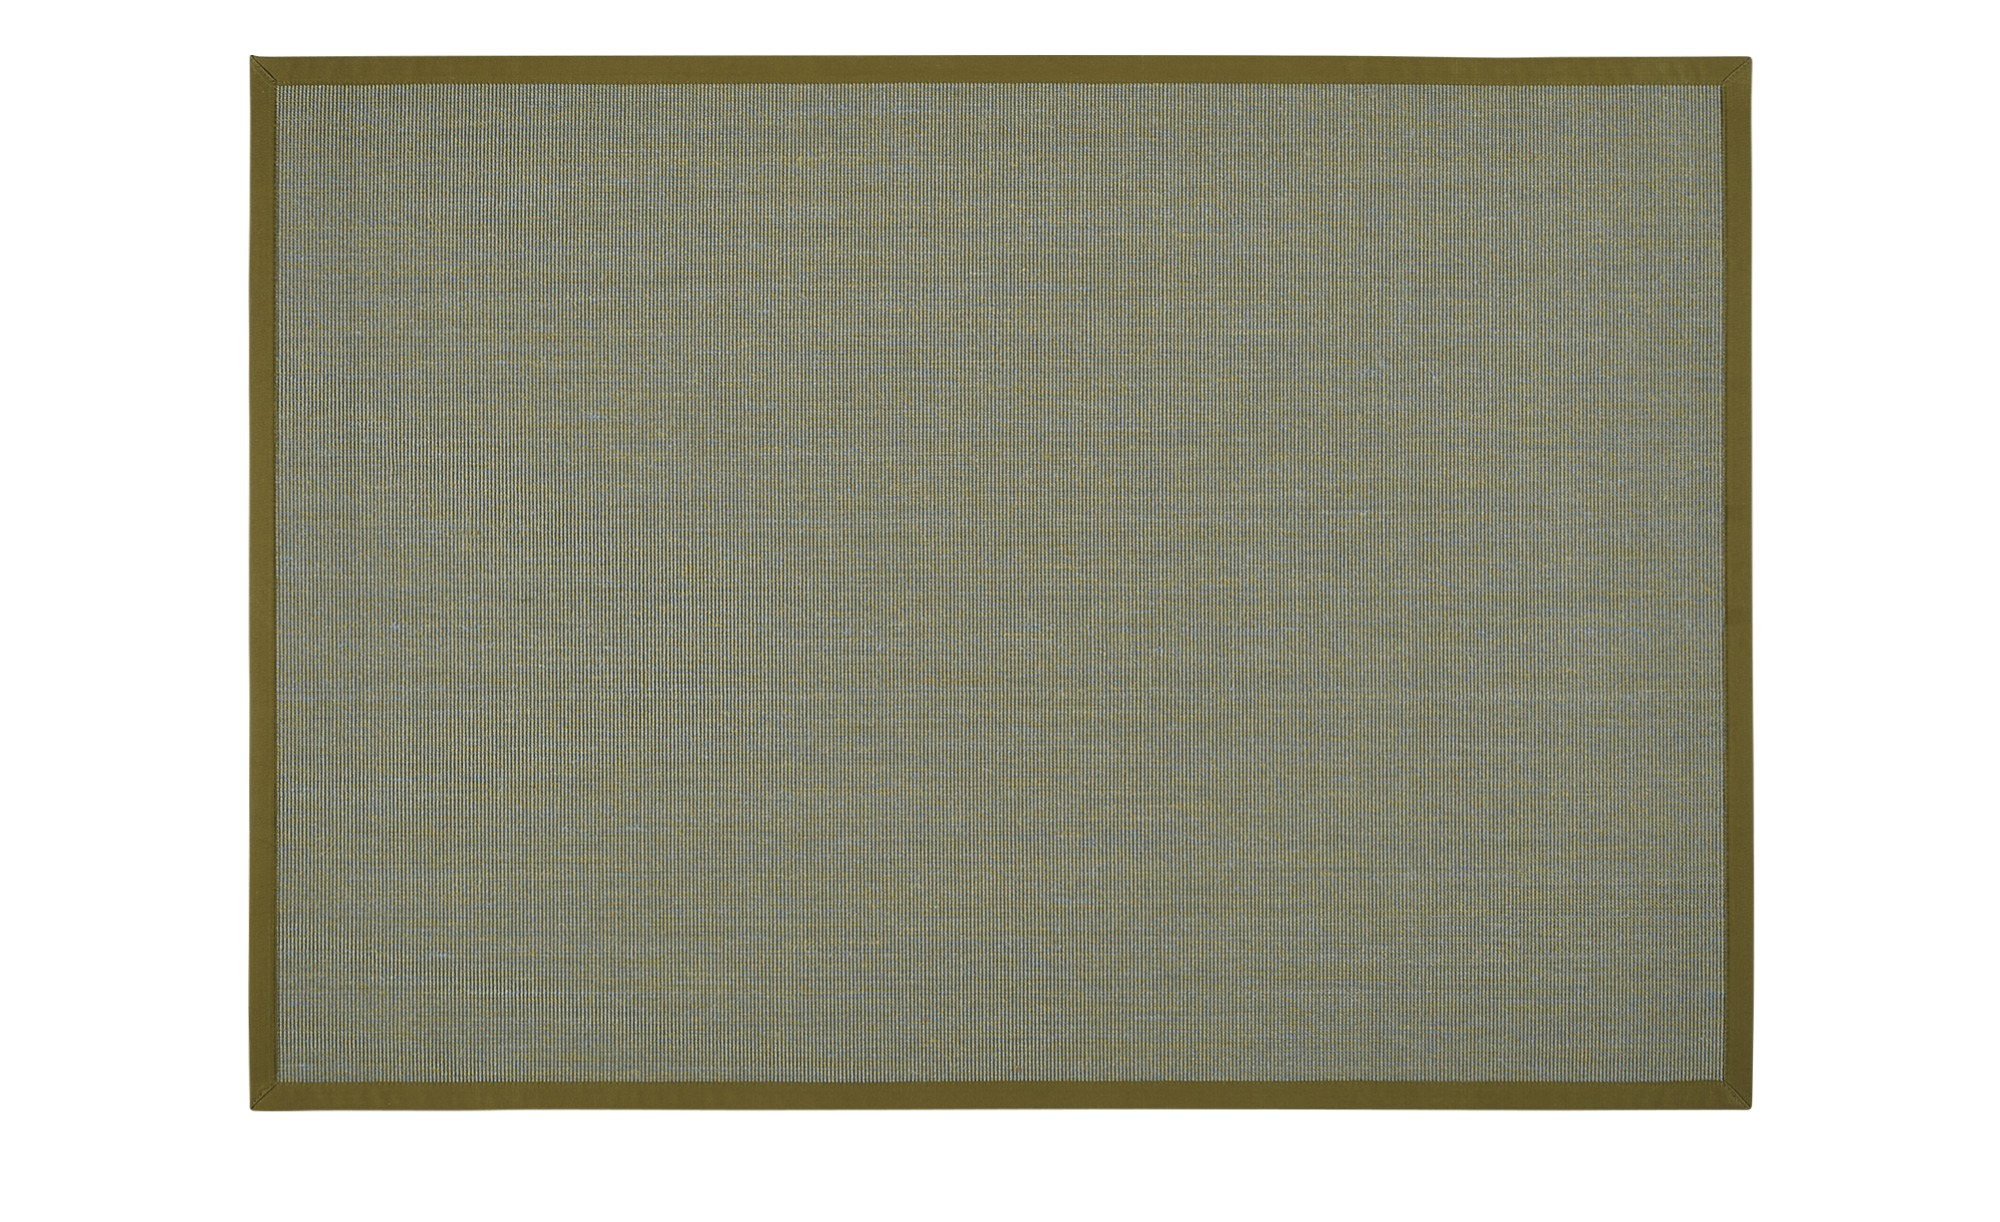 Sisalteppich  Salvador ¦ grün ¦ 100% Sisal, Sisal ¦ Maße (cm): B: 165 Teppiche > Wohnteppiche - Höffner